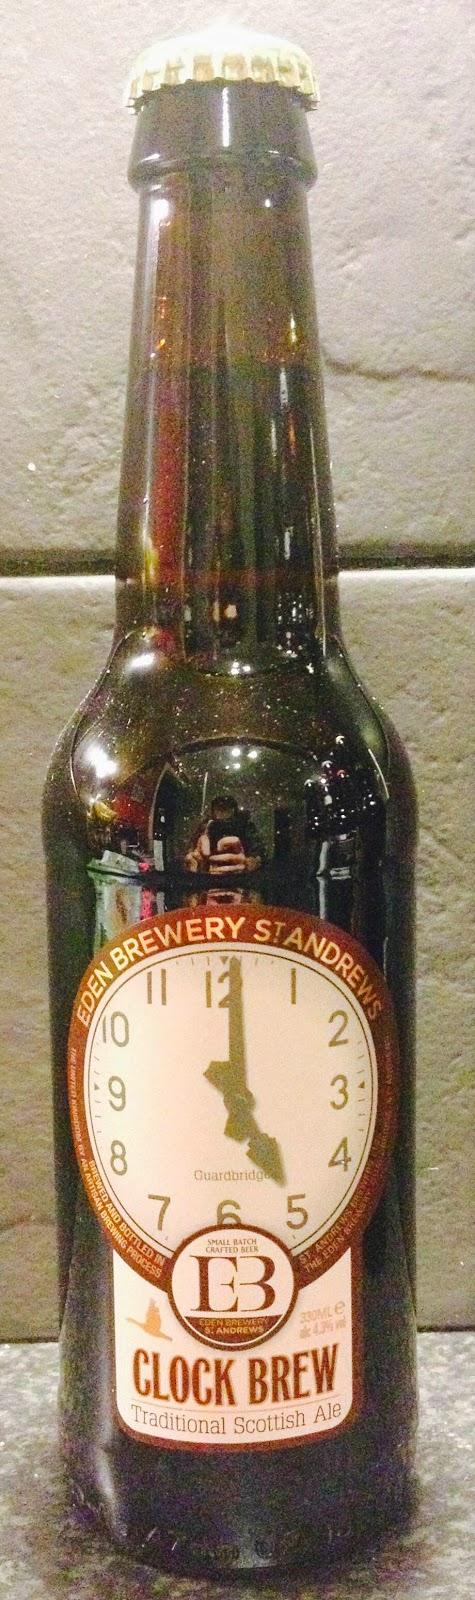 Clock Brew (Eden Brewery)